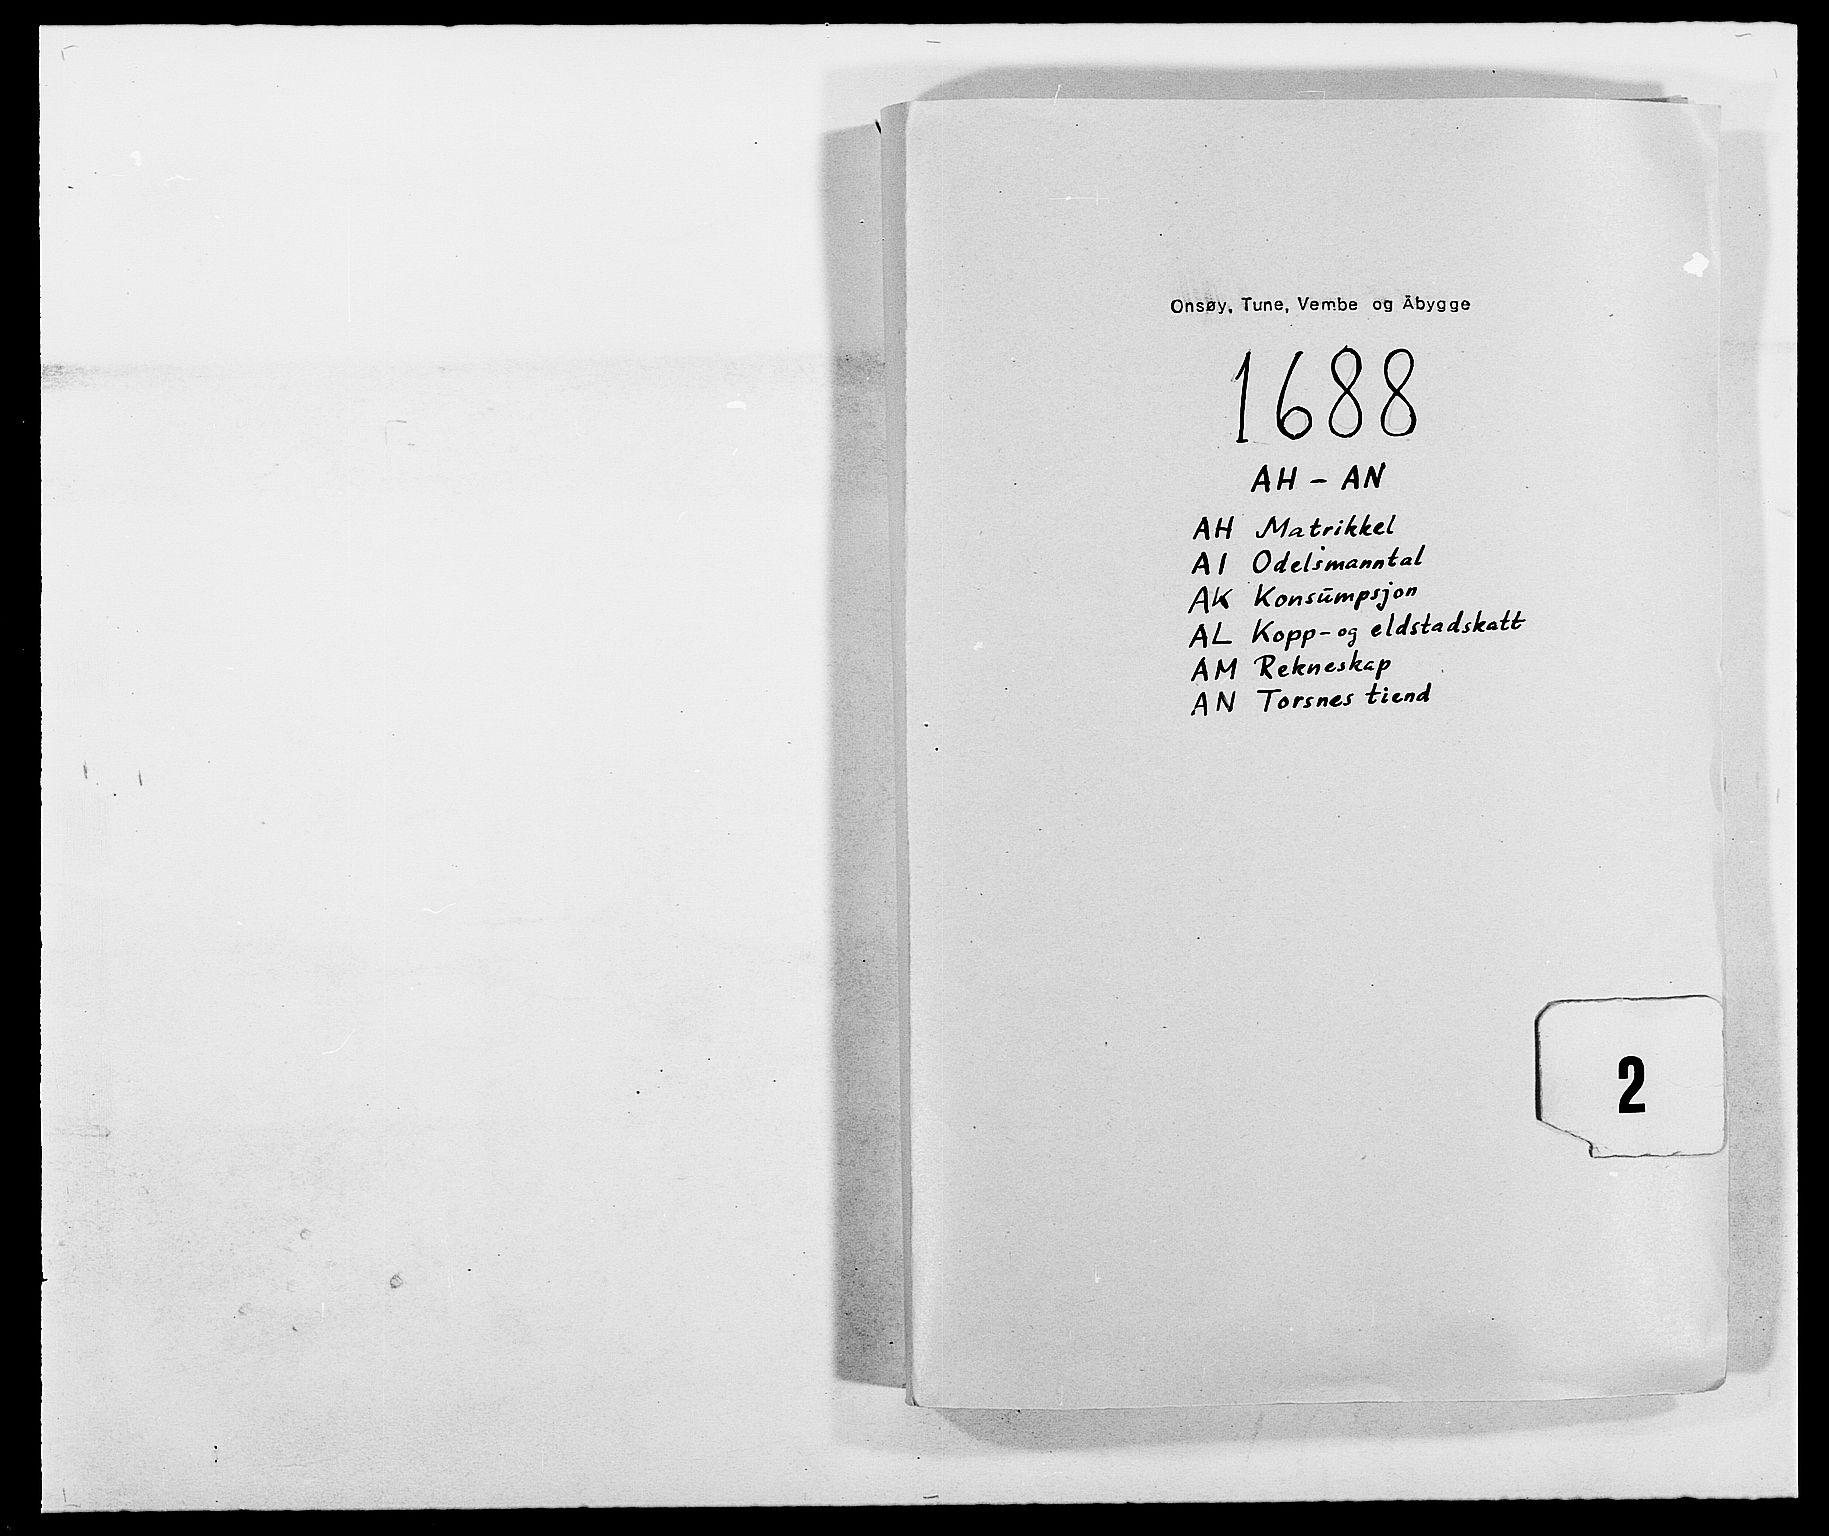 RA, Rentekammeret inntil 1814, Reviderte regnskaper, Fogderegnskap, R03/L0117: Fogderegnskap Onsøy, Tune, Veme og Åbygge fogderi, 1684-1689, s. 138